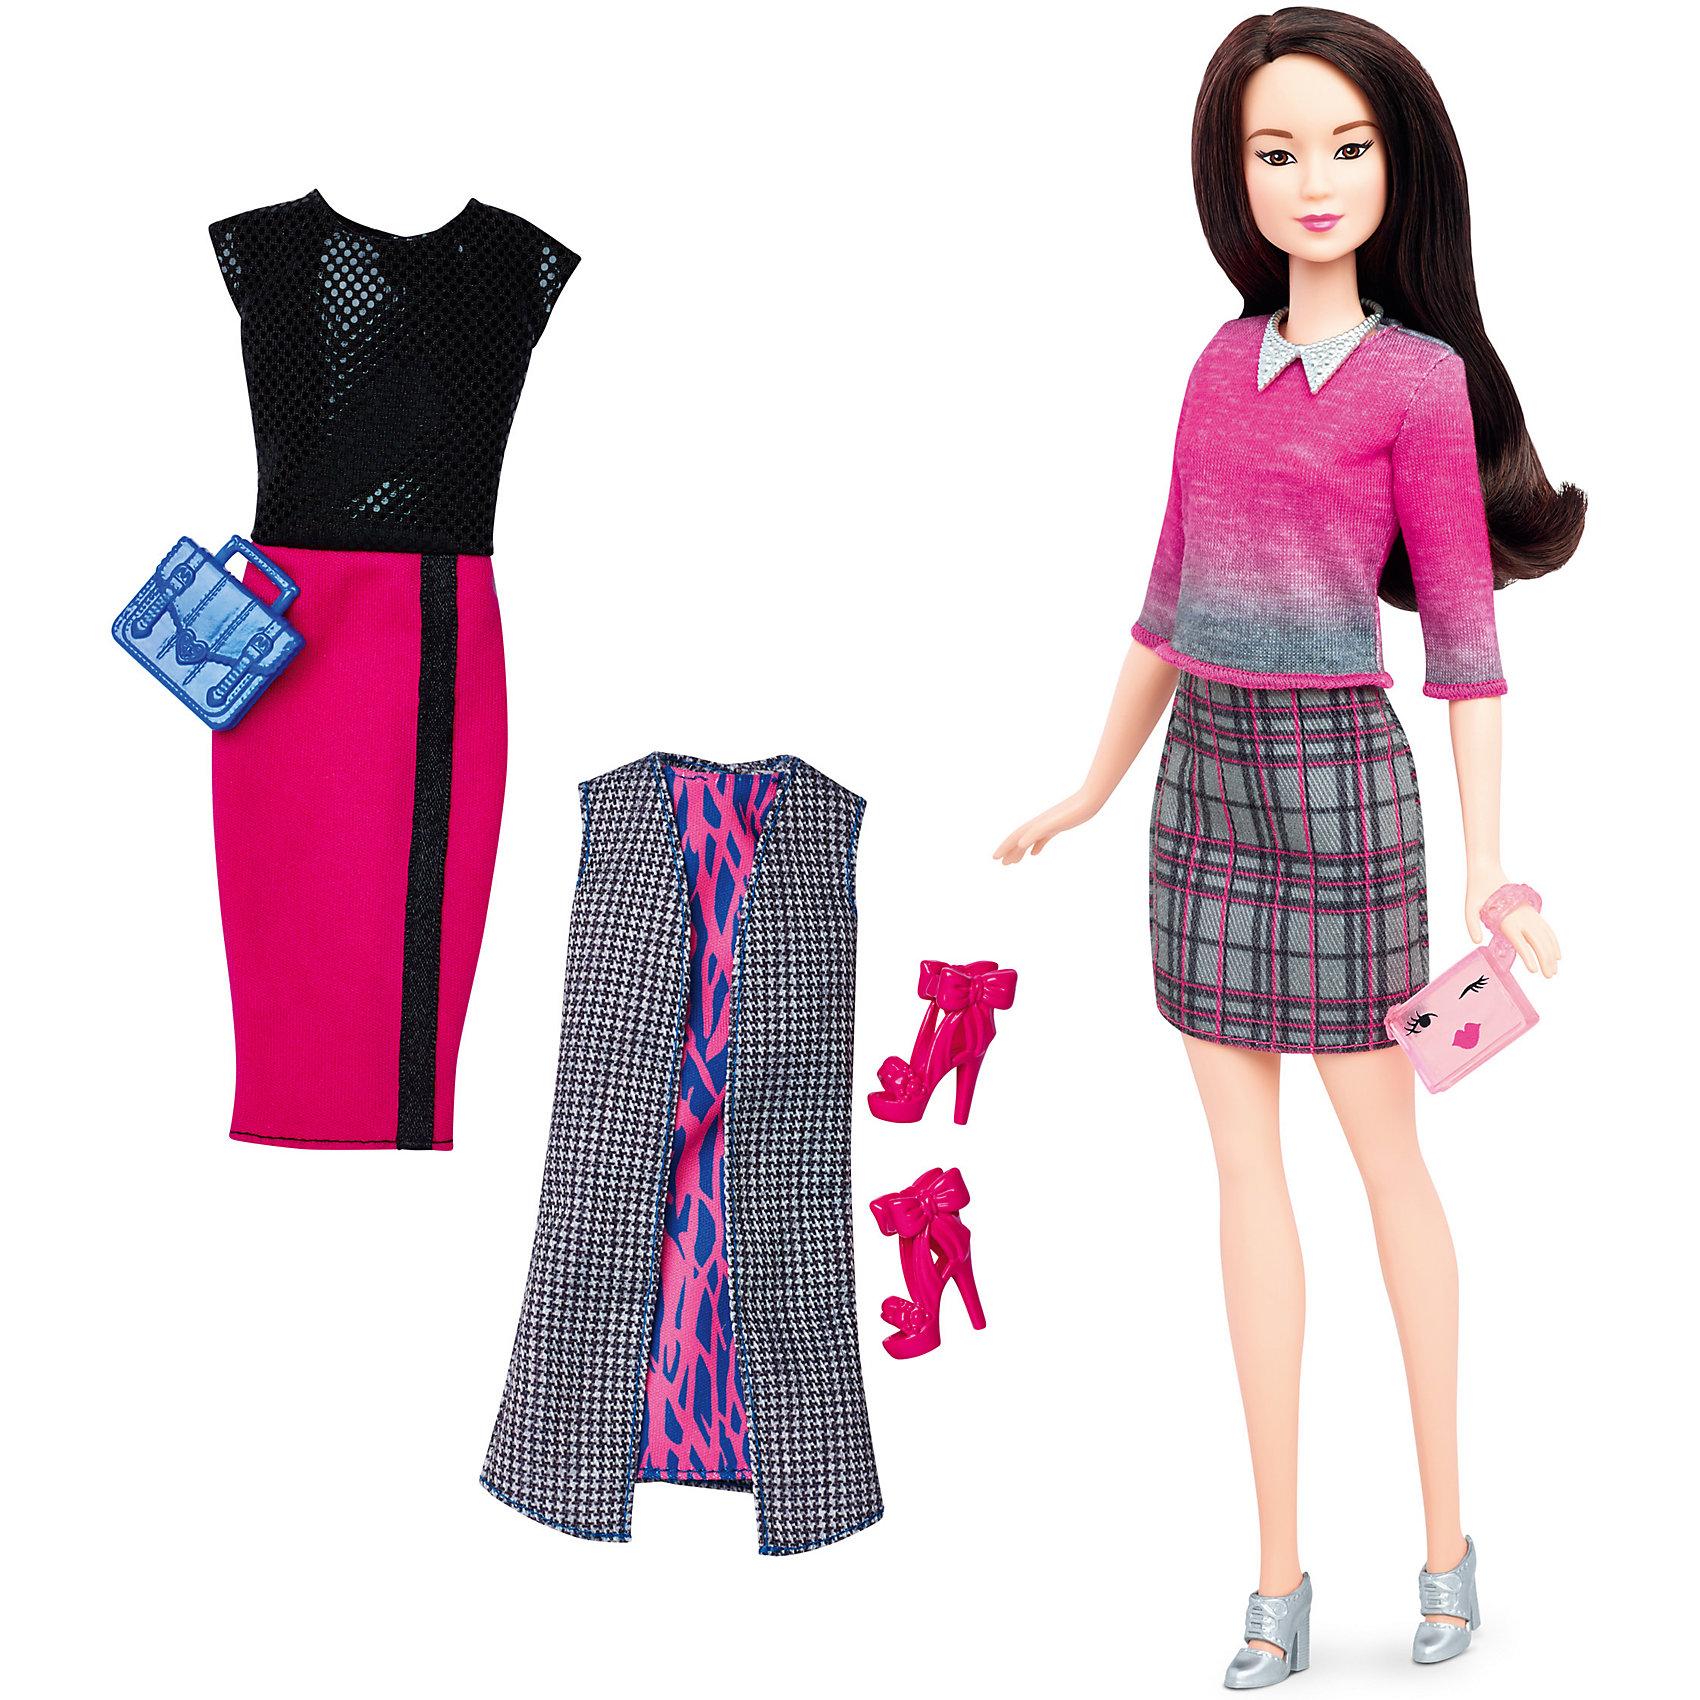 Кукла + набор одежды, BarbieBarbie<br>Кукла + набор одежды, Barbie - потрясающая игрушка от компании Mattel.<br>Такая куколка непременно привлечет внимание Вашей девочки.  Красавица Барби имеет светлую кожу и длинные прямые волосы каштанового цвета, которые так легко расчесывать и укладывать в разные прически. В наборе представлен повседневный образ в виде клетчатой юбки - карандаш и ярким свитером, романтичный - малиновое платье с длинным жакетом и вечерний - платье с яркой юбкой и верхом в пайетках.  Голова и конечности игрушки подвижны, благодаря чему она может принимать различные позы. Изделие выполнено из высококачественных материалов и является совершенно безопасным для здоровья ребенка.<br>Порадуйте свою девочку таким подарком - Кукла + набор одежды, Barbie!<br> В набор входит:<br>•  кукла;<br>• платье;<br>• 2 сумки, 2 пары обуви;<br>• Два комплекта одежды.<br><br>Дополнительная информация:<br>• Материал: текстиль, пластик.<br>• Высота куклы 29 см.<br>• Размер упаковки: 25.5 x32,5x6 см.<br><br>Кукла + набор одежды, Barbie можно купить в нашем интернет- магазине.<br><br>Ширина мм: 60<br>Глубина мм: 255<br>Высота мм: 325<br>Вес г: 356<br>Возраст от месяцев: 36<br>Возраст до месяцев: 120<br>Пол: Женский<br>Возраст: Детский<br>SKU: 4865296